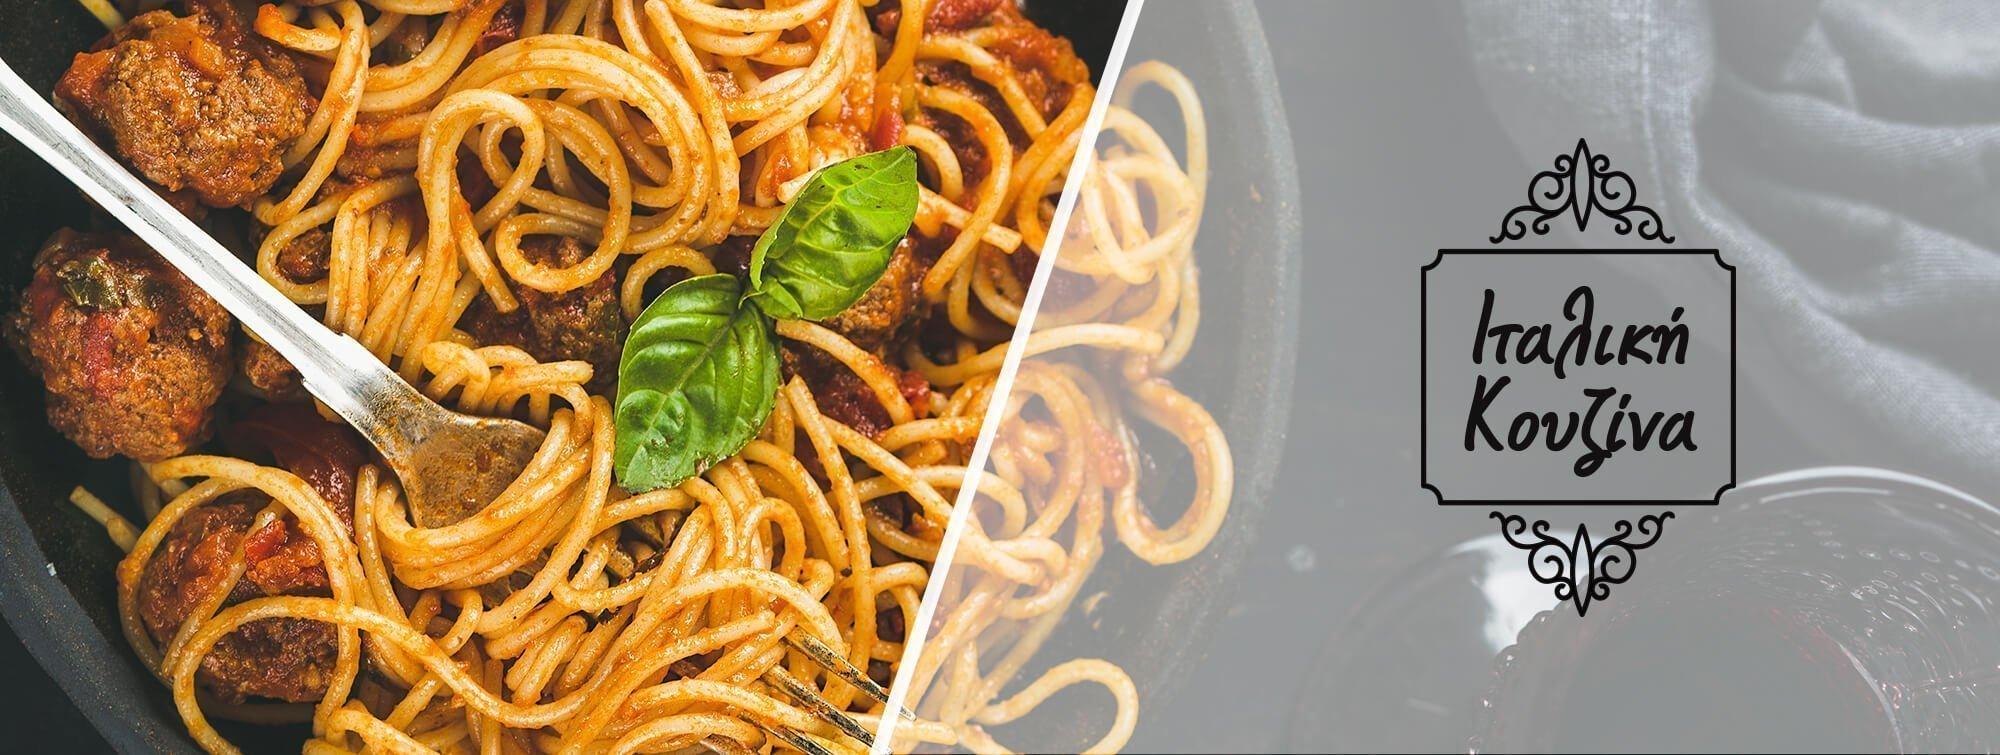 Ιταλική κουζίνα